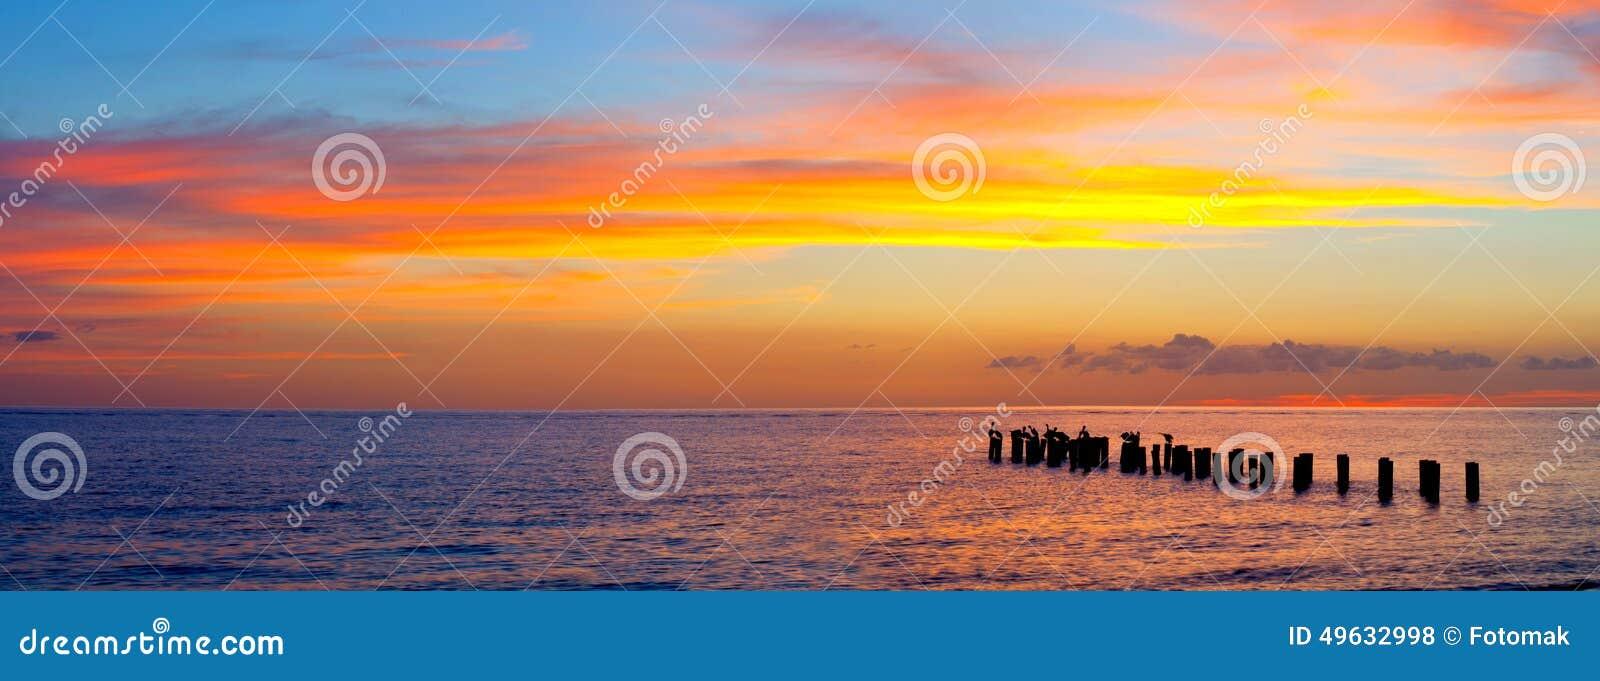 Sonnenuntergang oder Sonnenaufganglandschaft, Panorama der schönen Natur, Strand